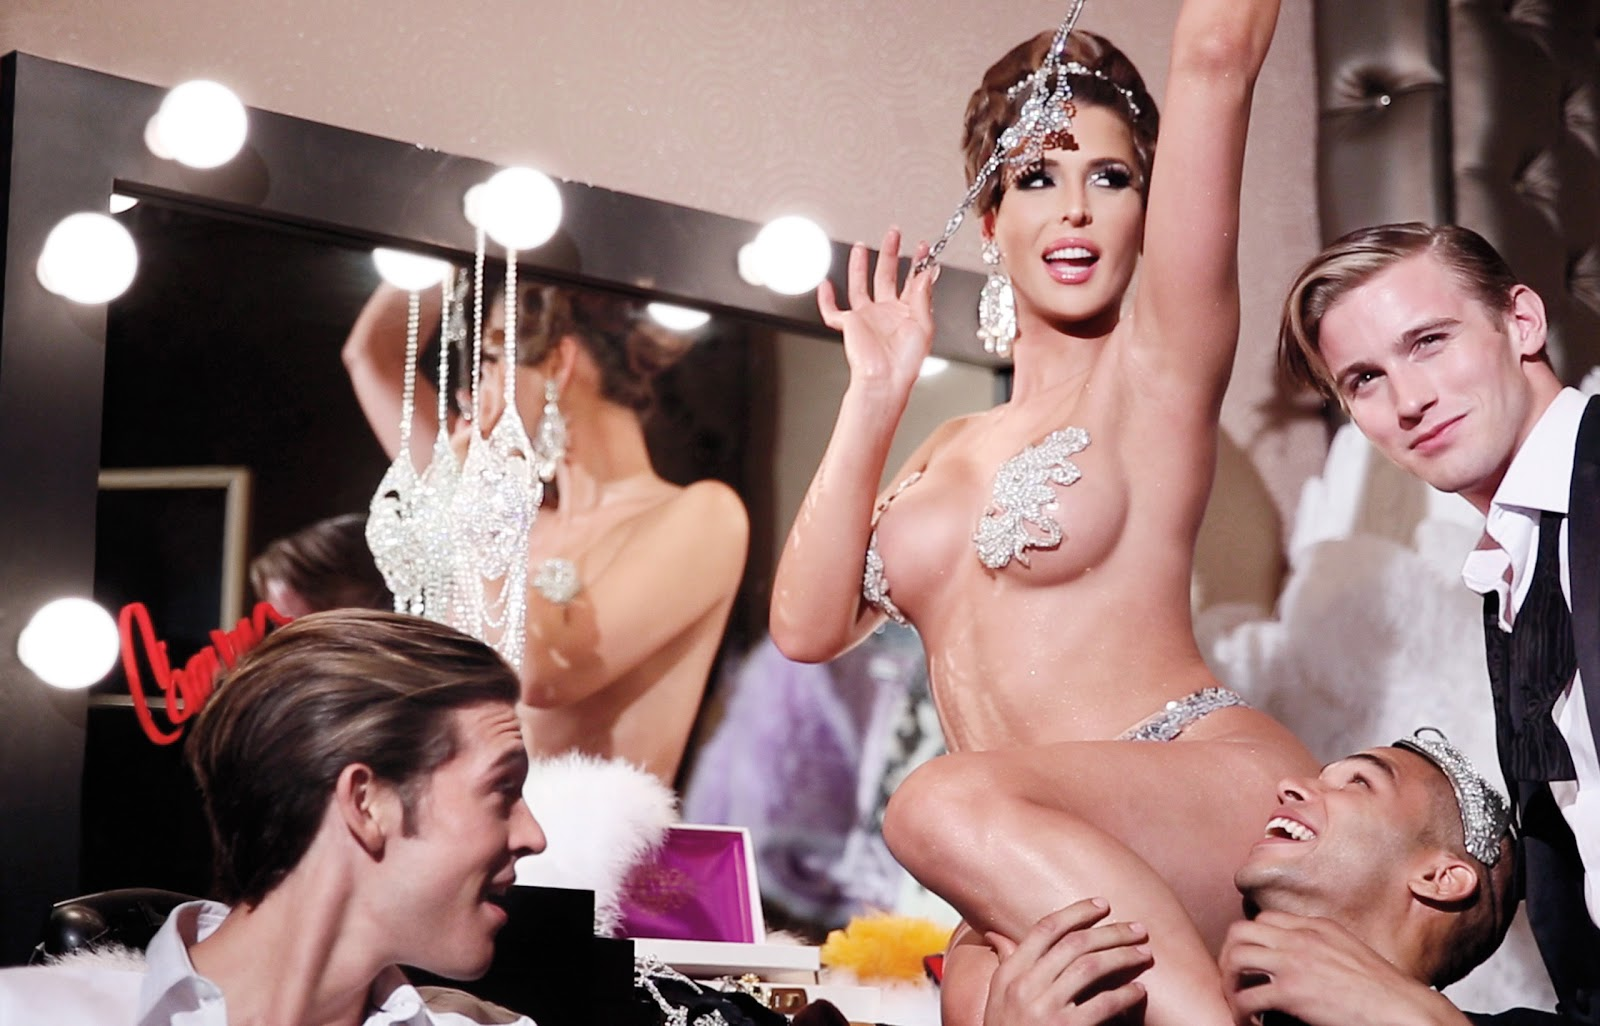 Смотреть фото трансвеститов 6 фотография